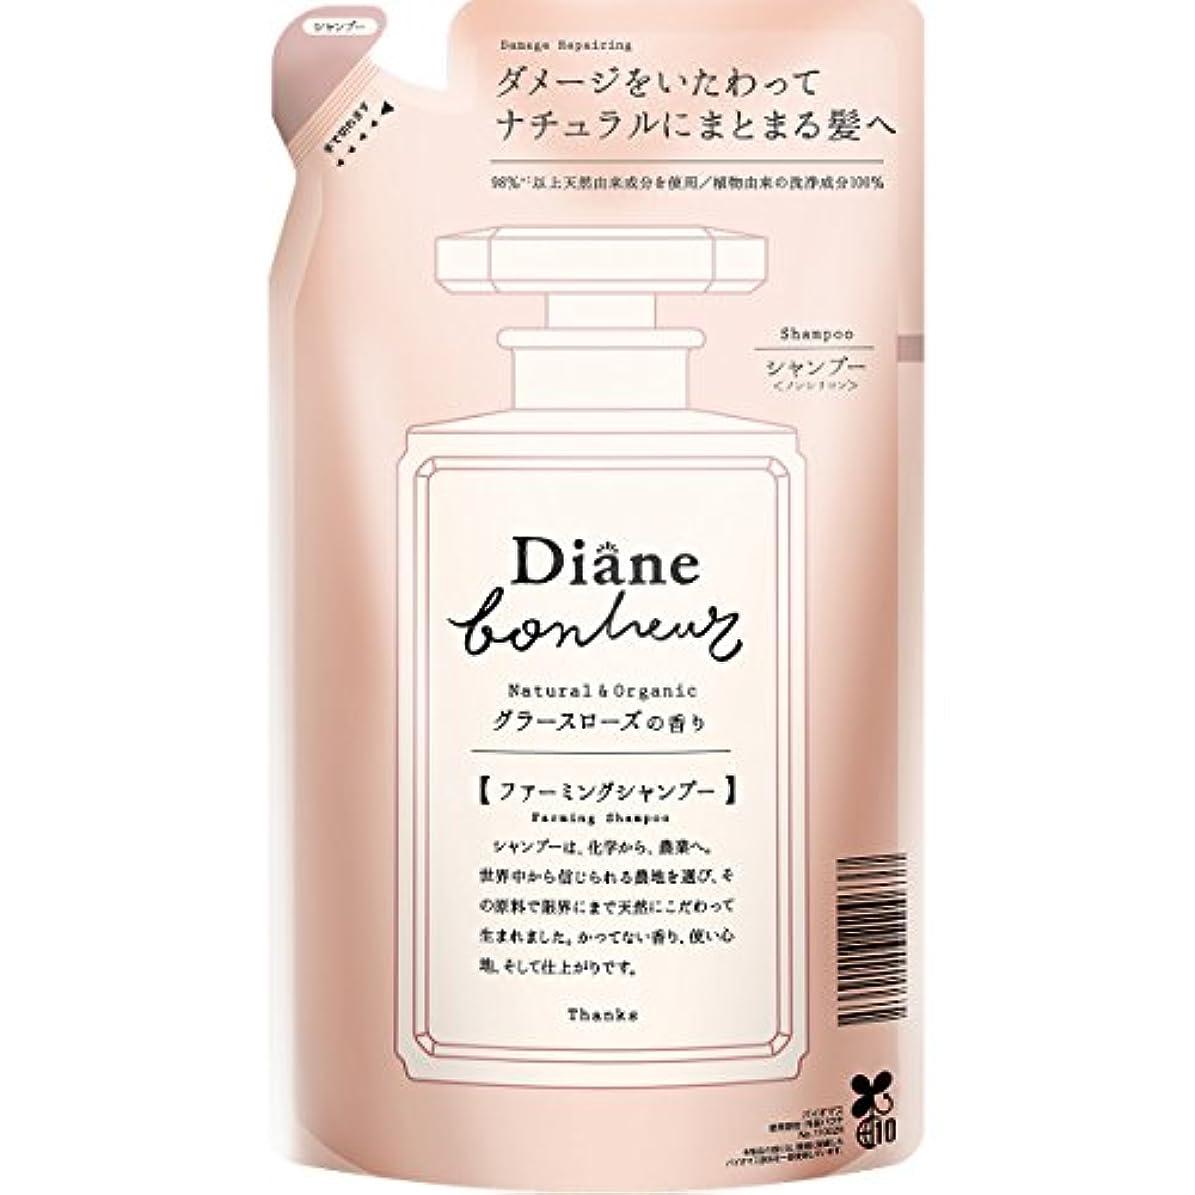 デコードする普遍的な抹消ダイアン ボヌール グラースローズの香り ダメージリペア シャンプー 詰め替え 400ml